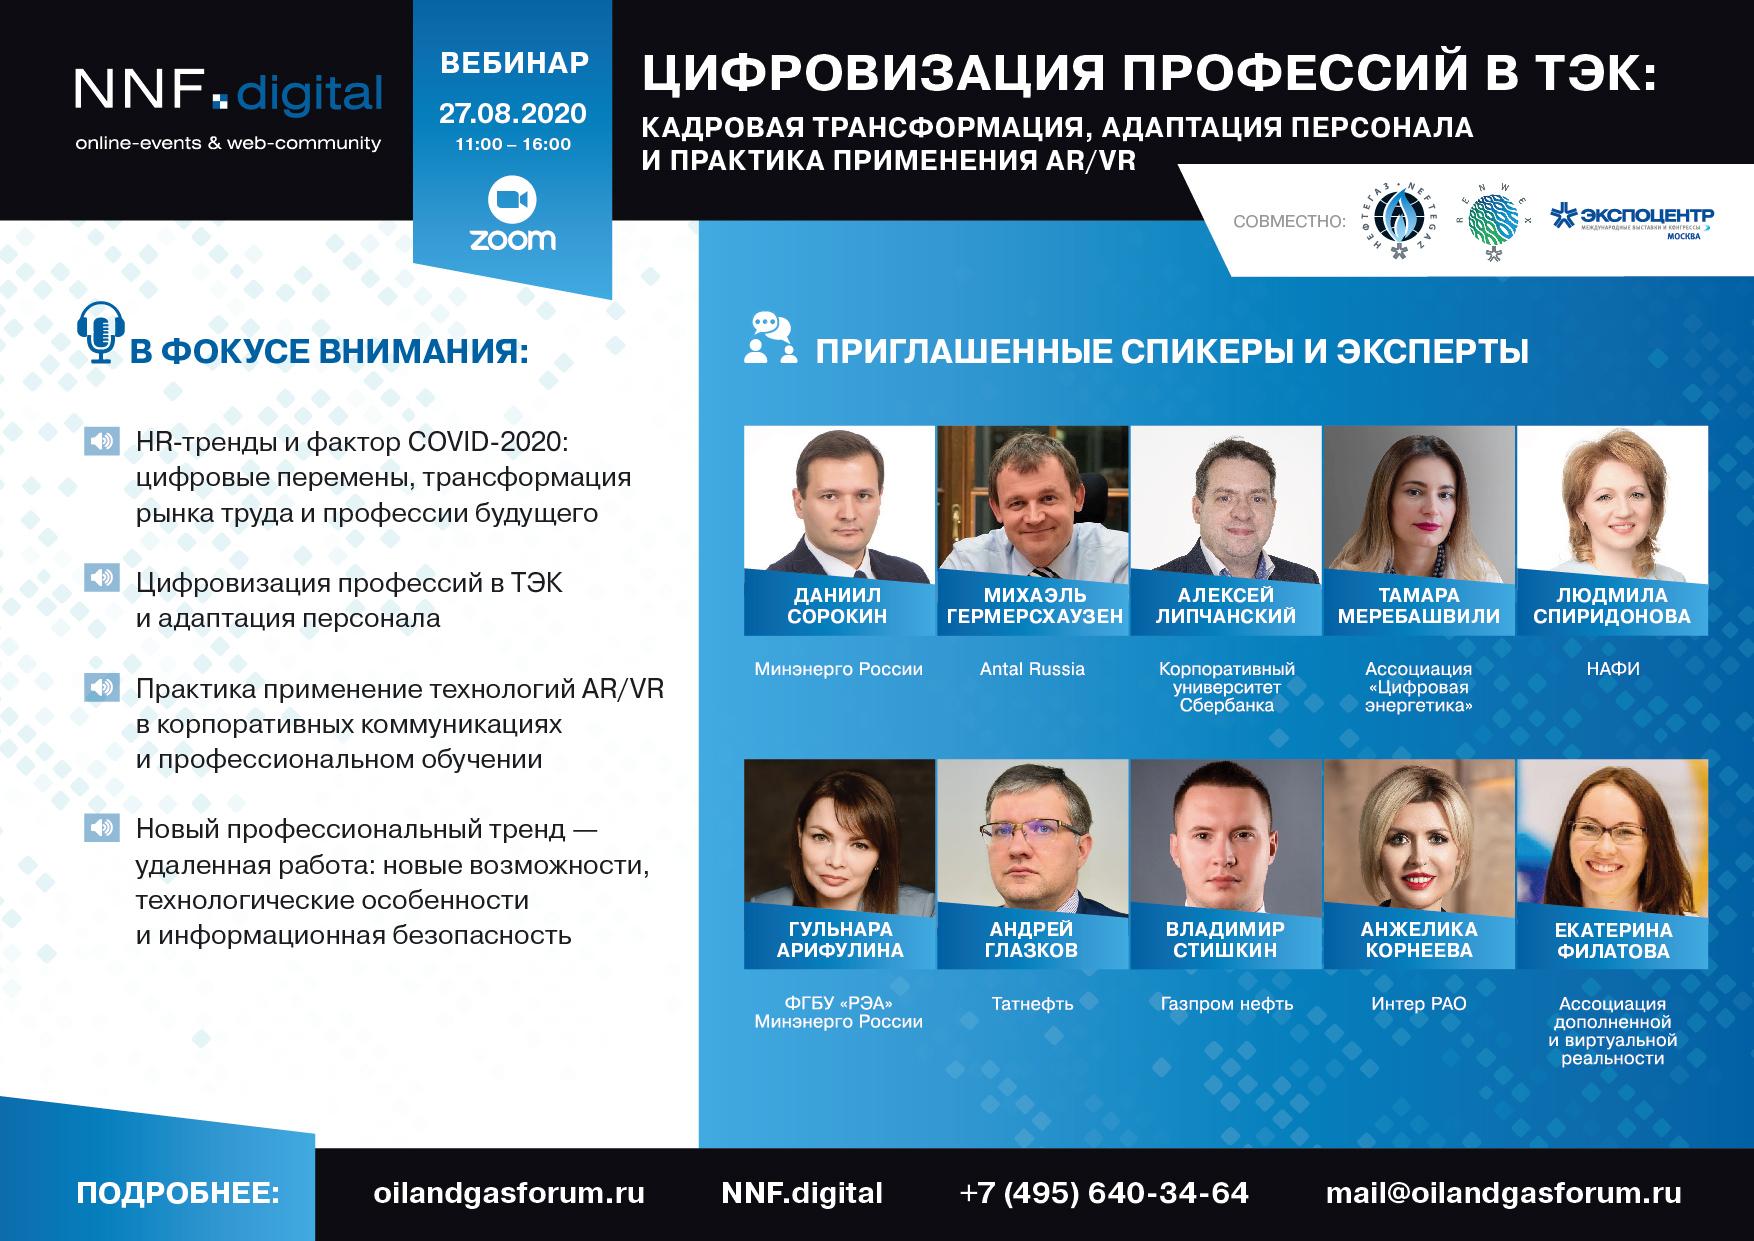 Руководители Ассоциации примут участие в вебинаре «Цифровизация профессий в ТЭК: кадровая трансформация, адаптация персонала и практика применения AR/VR»